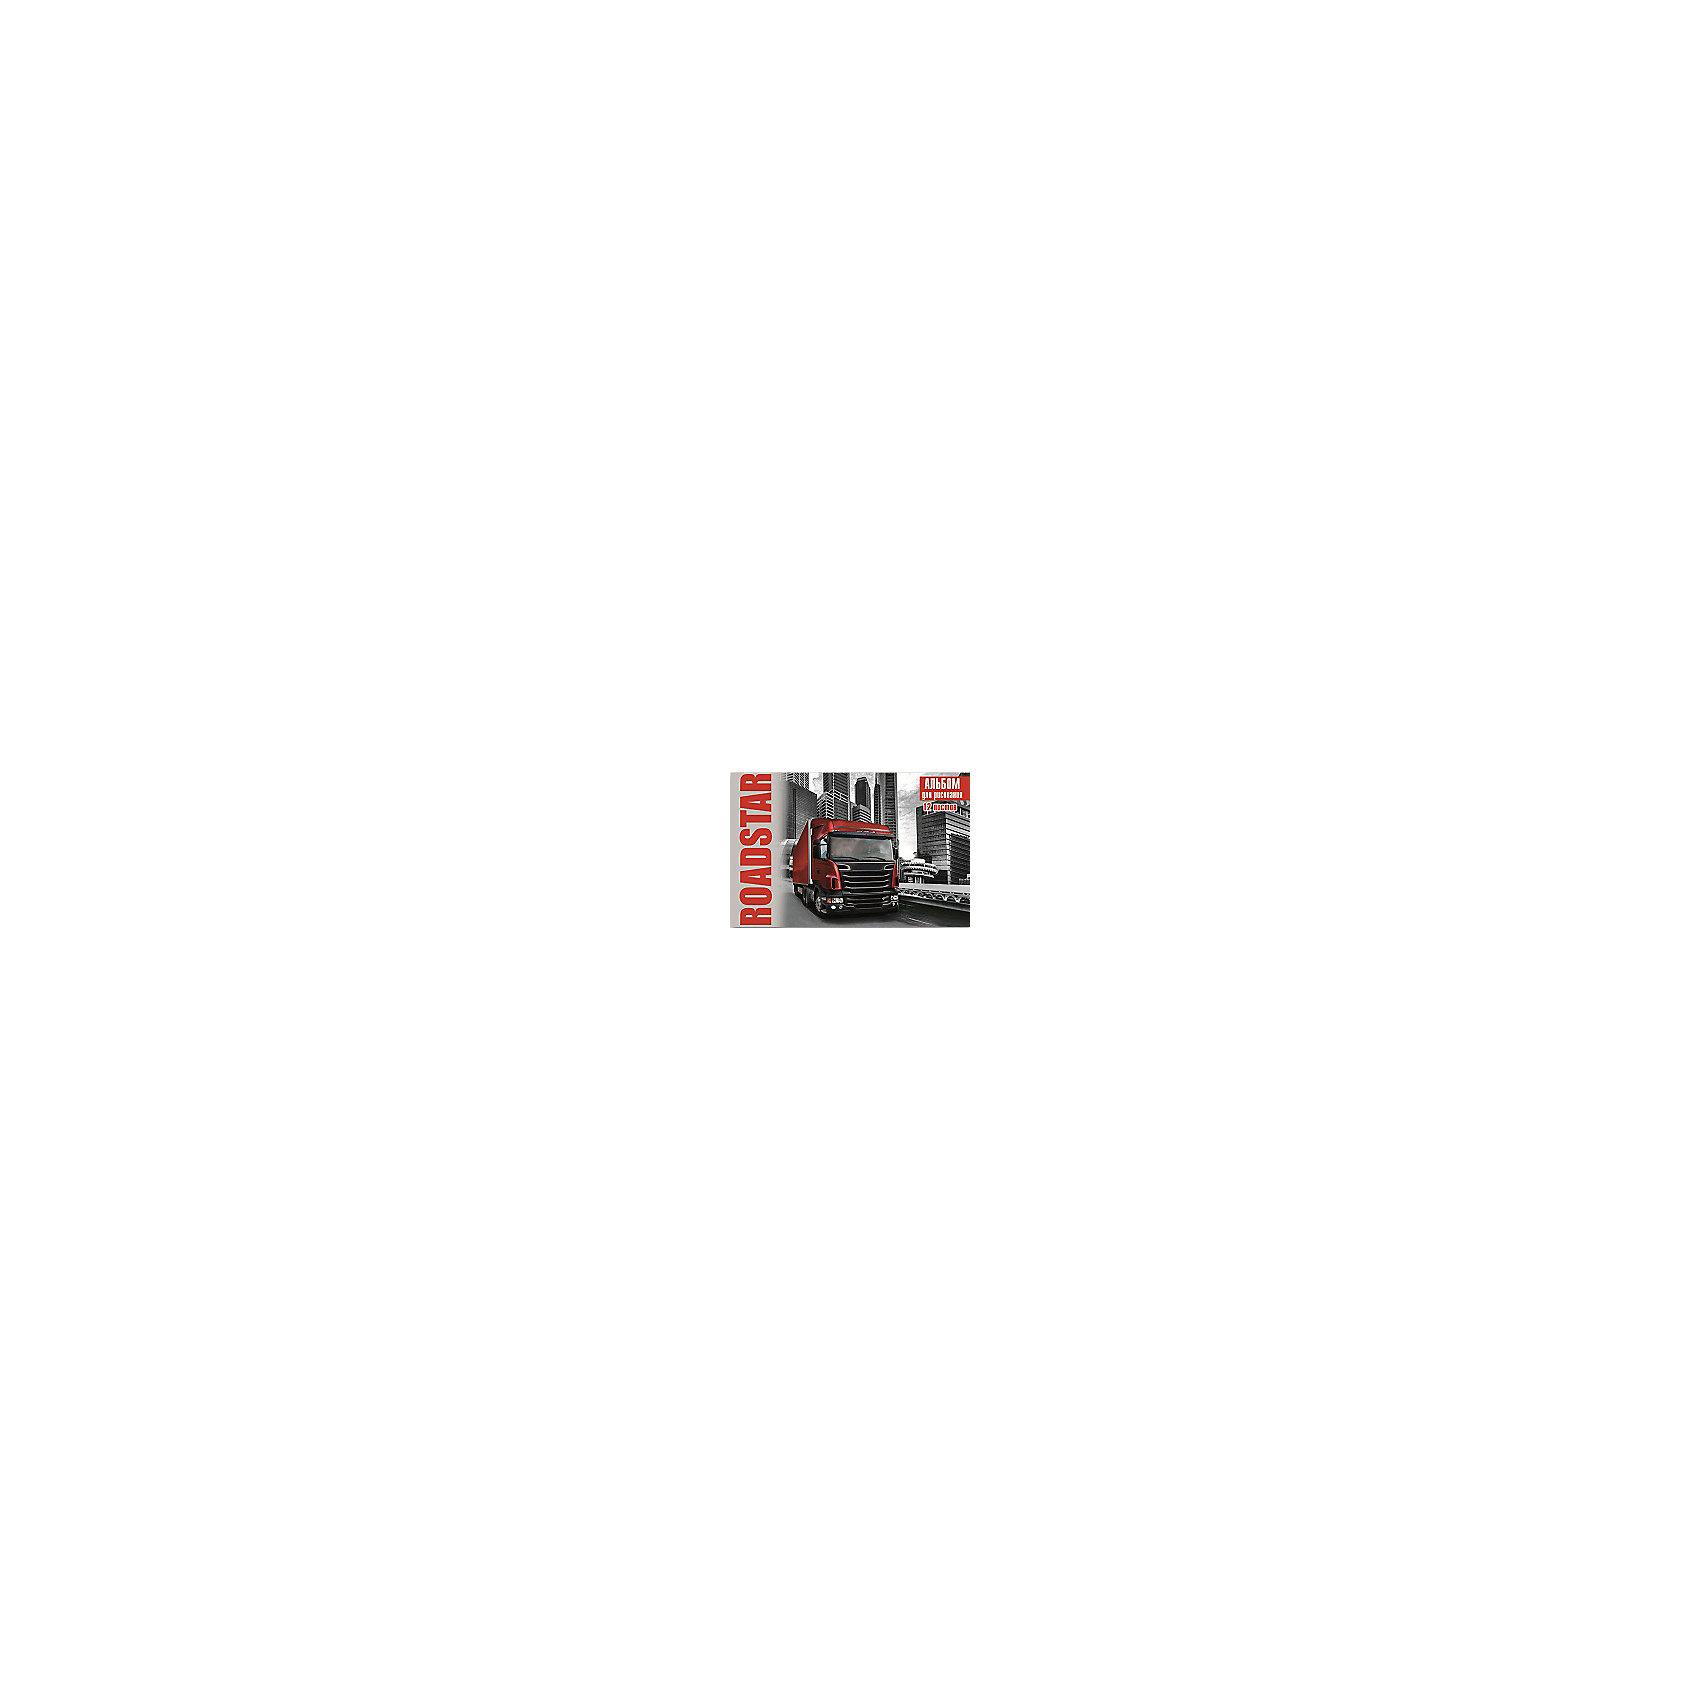 Альбом для рисования Красный грузовик, 12лСкоро 1 сентября, а значит Вашему ребенку обязательно понадобиться альбом для рисования!<br><br>Дополнительная информация:<br><br>- Возраст: от 3 лет.<br>- 12 листов.<br>- Орнамент: красный грузовик.<br>- Формат: А4.<br>- Материал: бумага, картон.<br>- Размер упаковки: 28,5х20х0,3 см.<br>- Вес в упаковке: 90 г.<br><br>Купить альбом для рисования Красный грузовик можно в нашем магазине.<br><br>Ширина мм: 285<br>Глубина мм: 200<br>Высота мм: 3<br>Вес г: 90<br>Возраст от месяцев: 36<br>Возраст до месяцев: 2147483647<br>Пол: Мужской<br>Возраст: Детский<br>SKU: 4943519